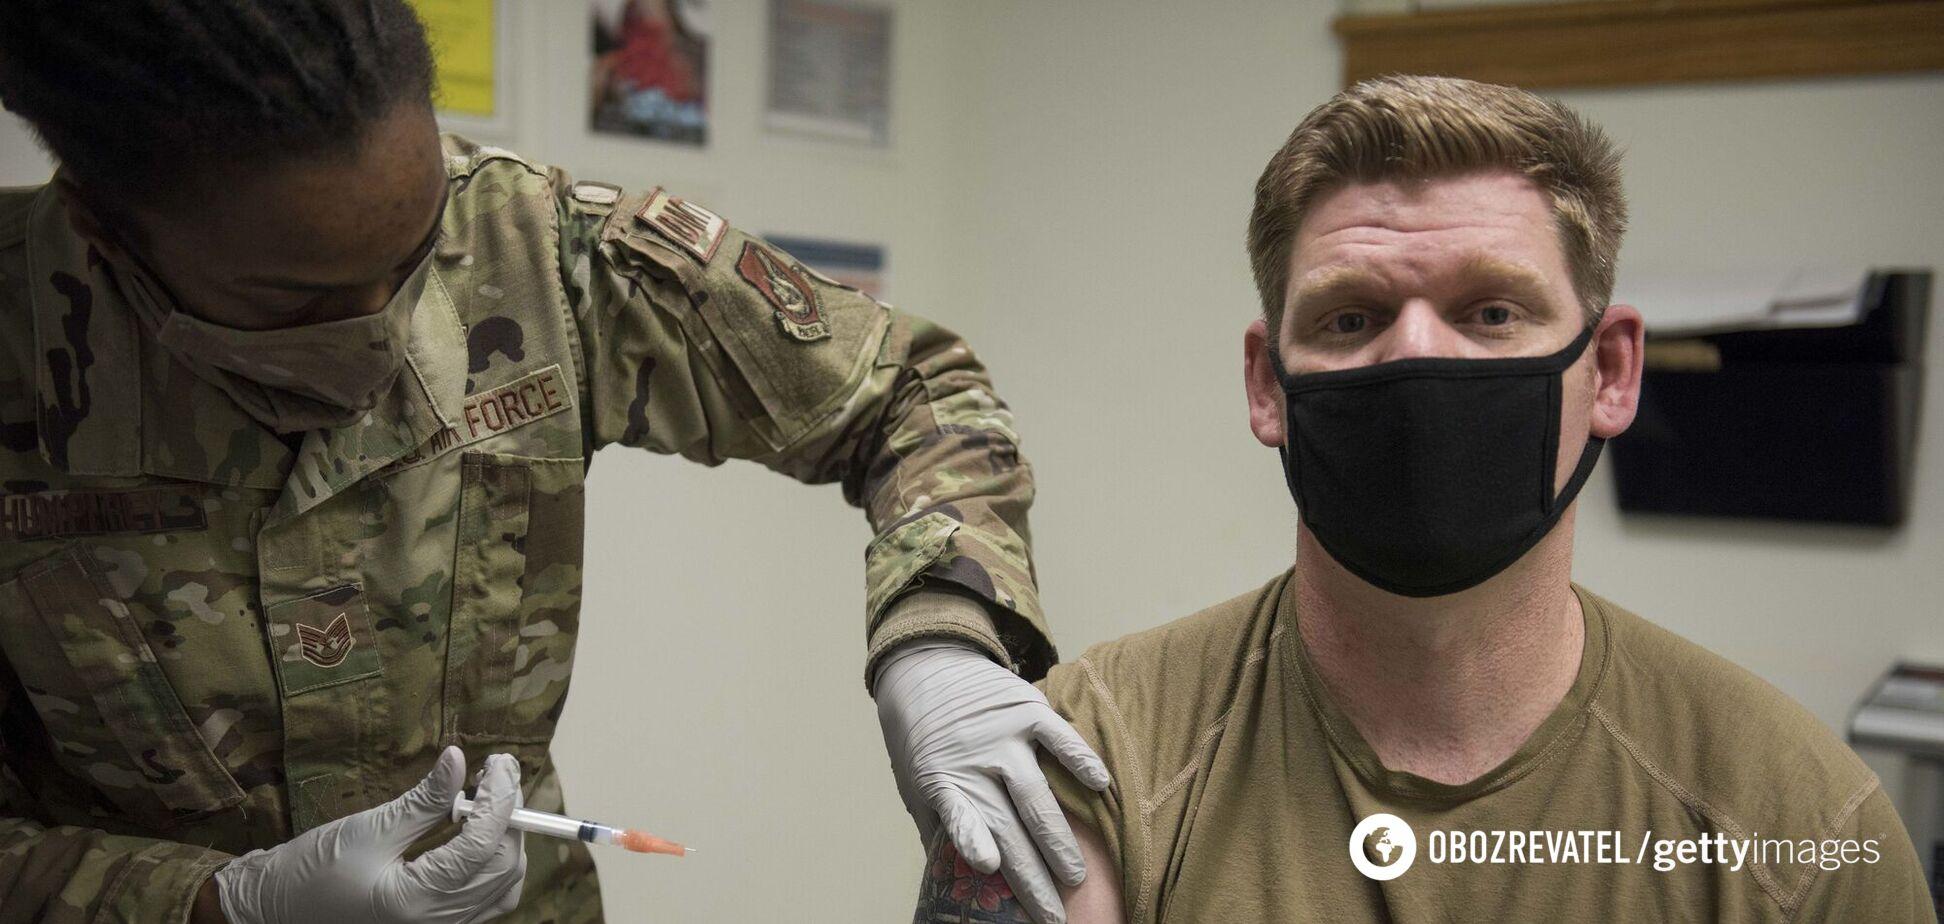 В Пентагоне объявили об обязательной вакцинации от COVID-19 военнослужащих